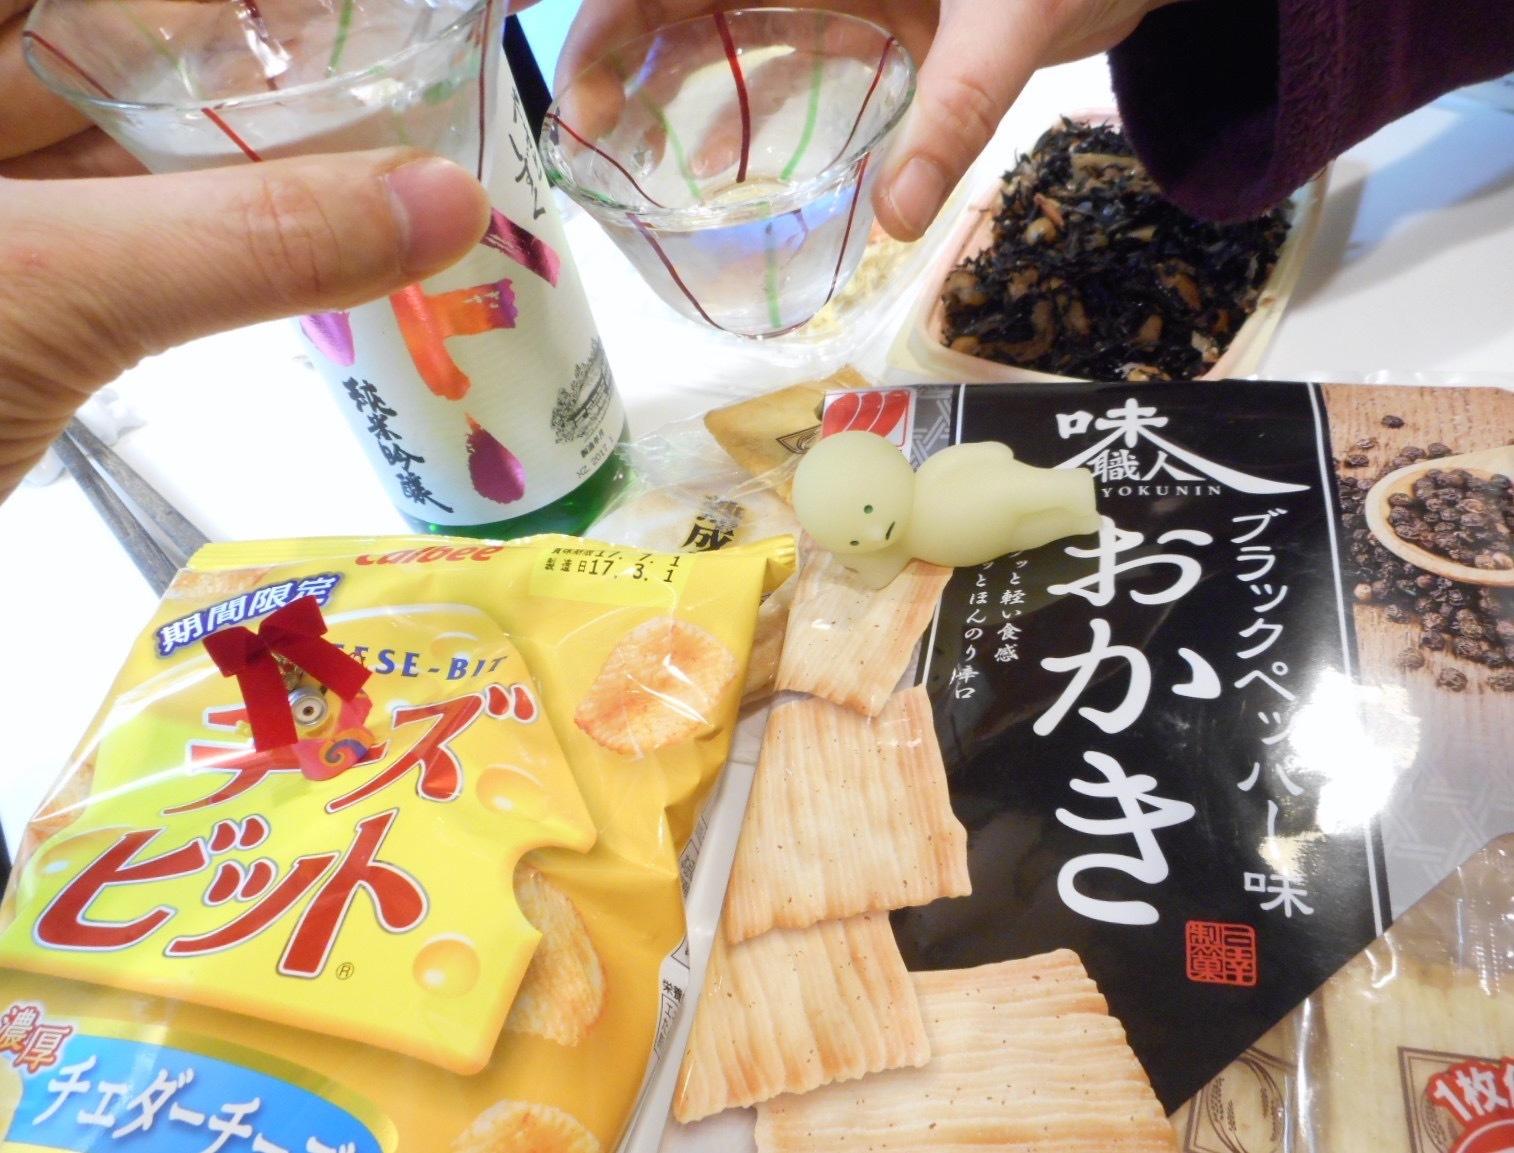 yamatoshizuku_jungin_jikazume28by13.jpg